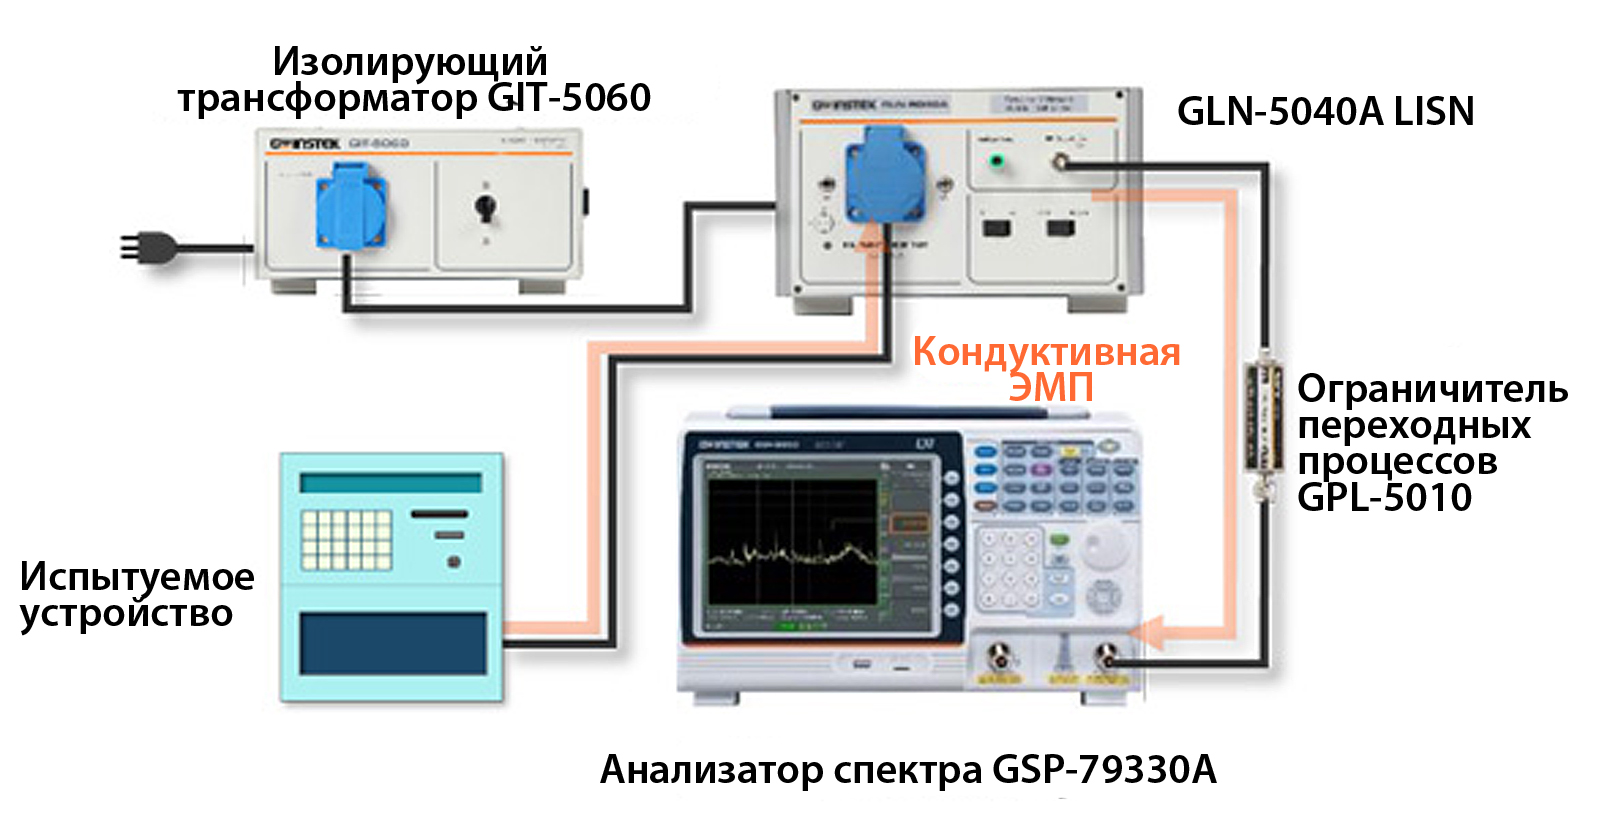 Схема испытательной установки для измерения уровня кондуктивных ЭМП на основе комплекта аппаратуры